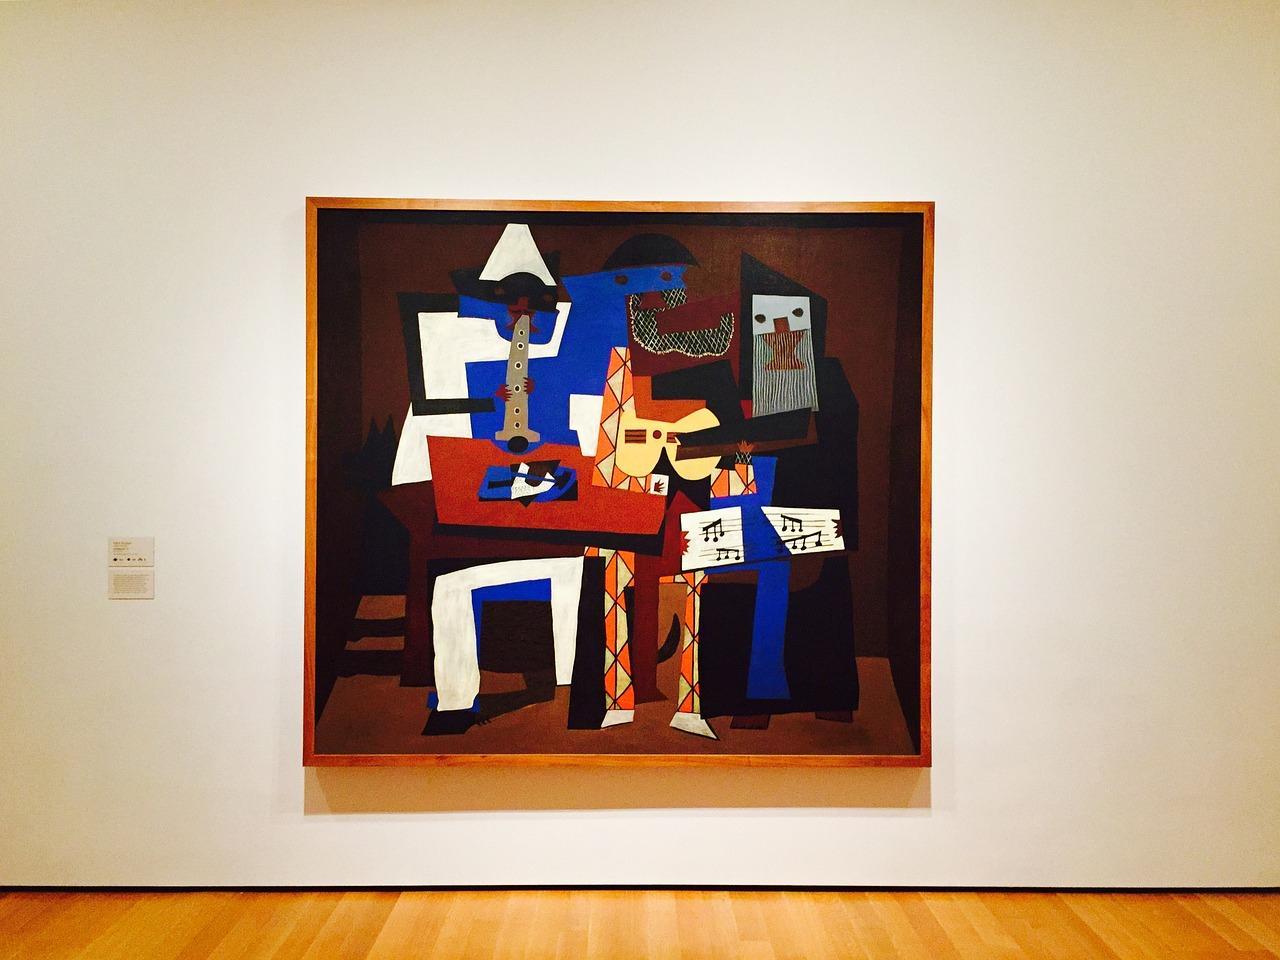 Picasso, un maître, un génie, à découvrir bientôt à Paris